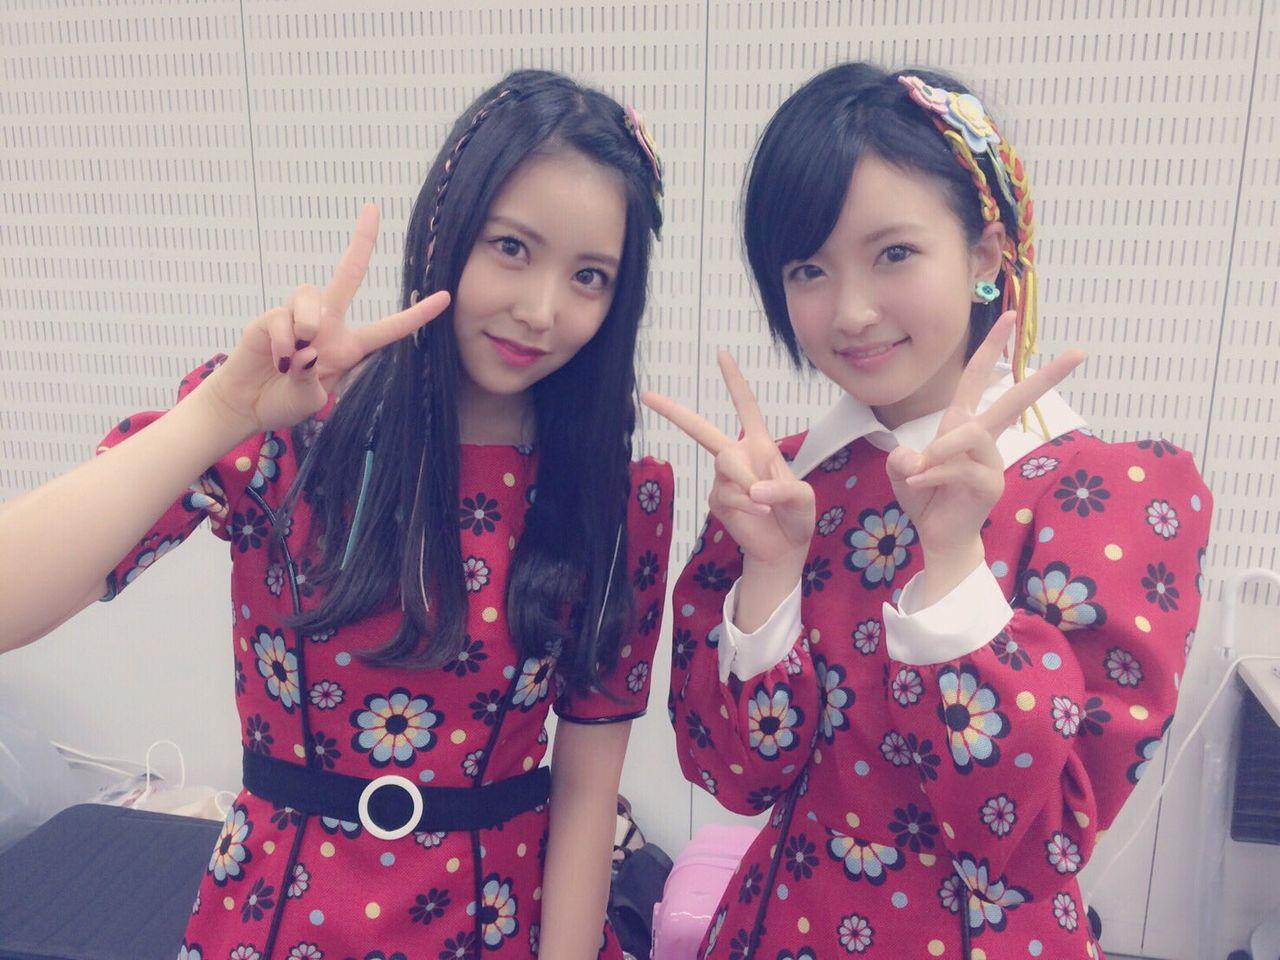 【ブブカ10月号】NMB48白間美瑠「須藤にムカついた」